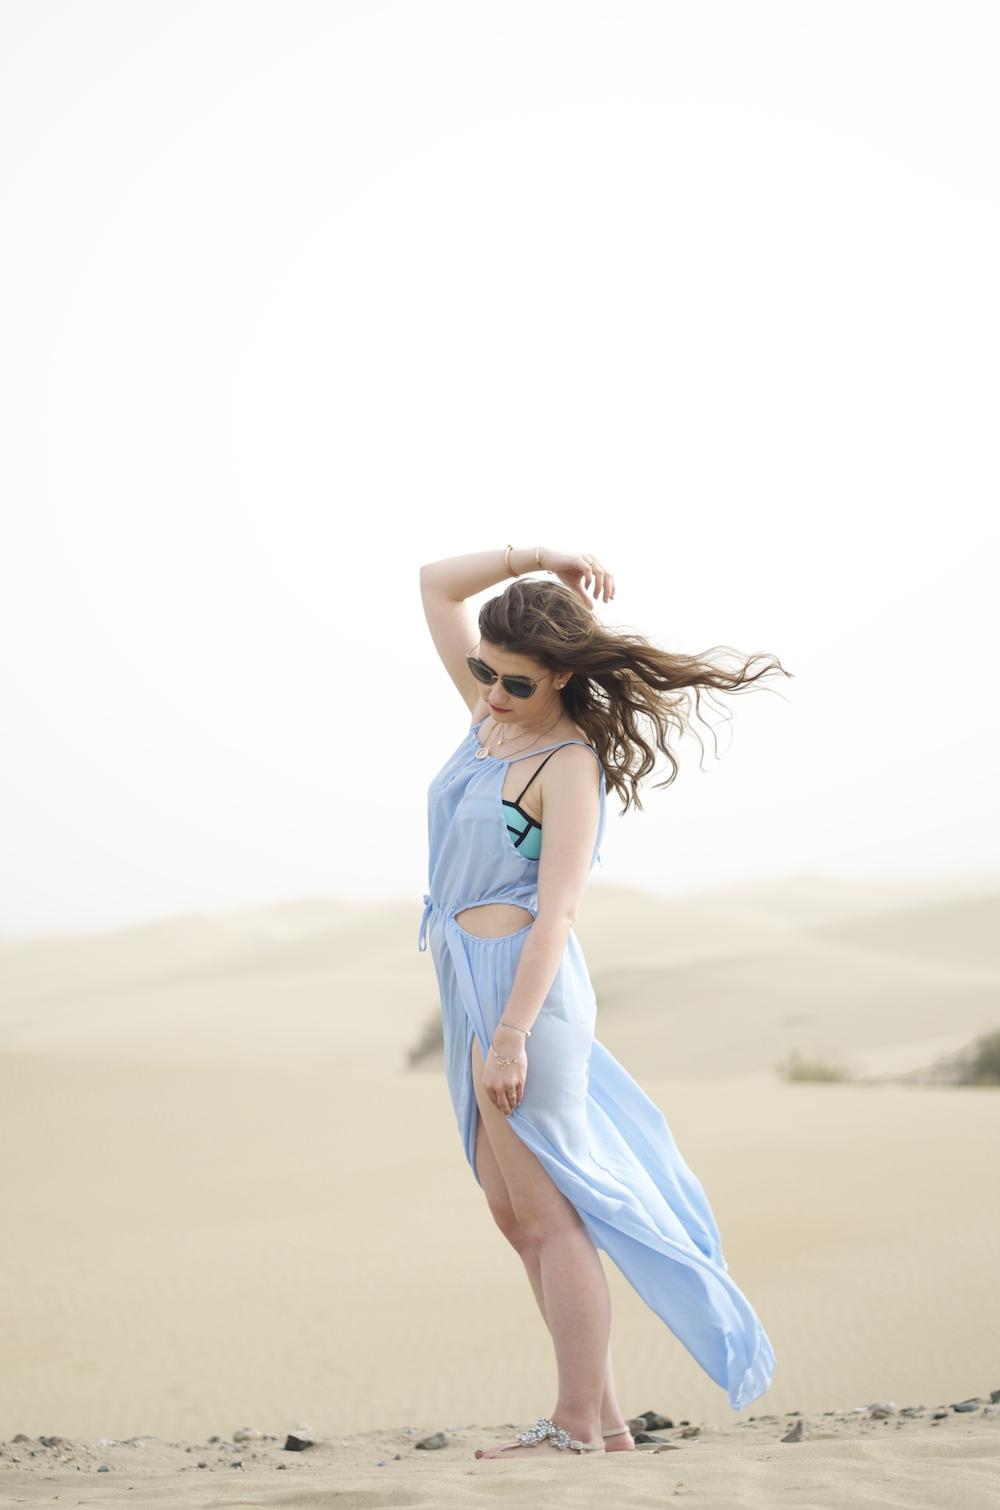 kleid-blau-strand-dünen-les-dunas-outfit-sara-bow